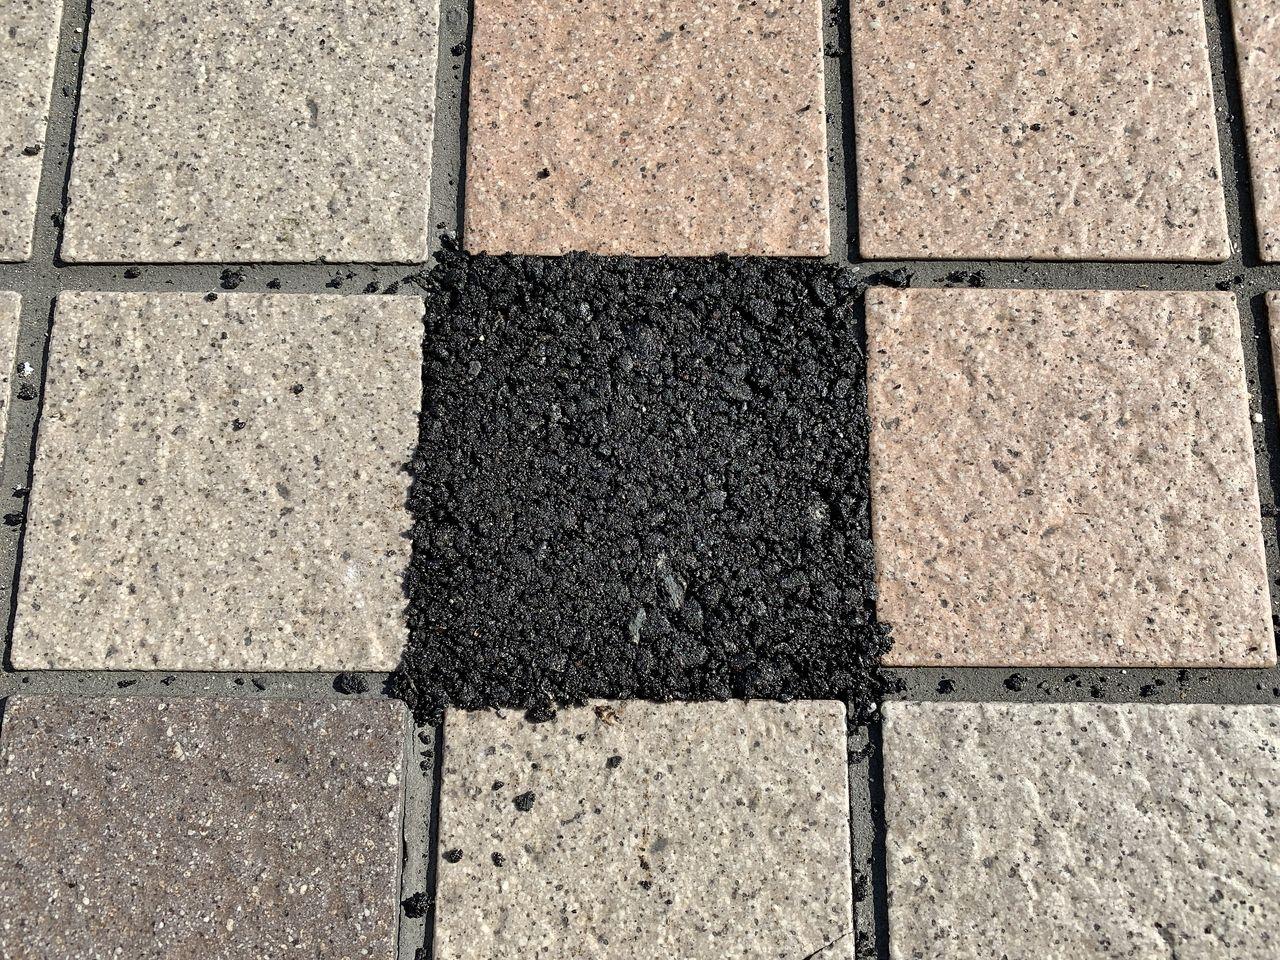 補修材を使って歩道のタイルを補修しました!